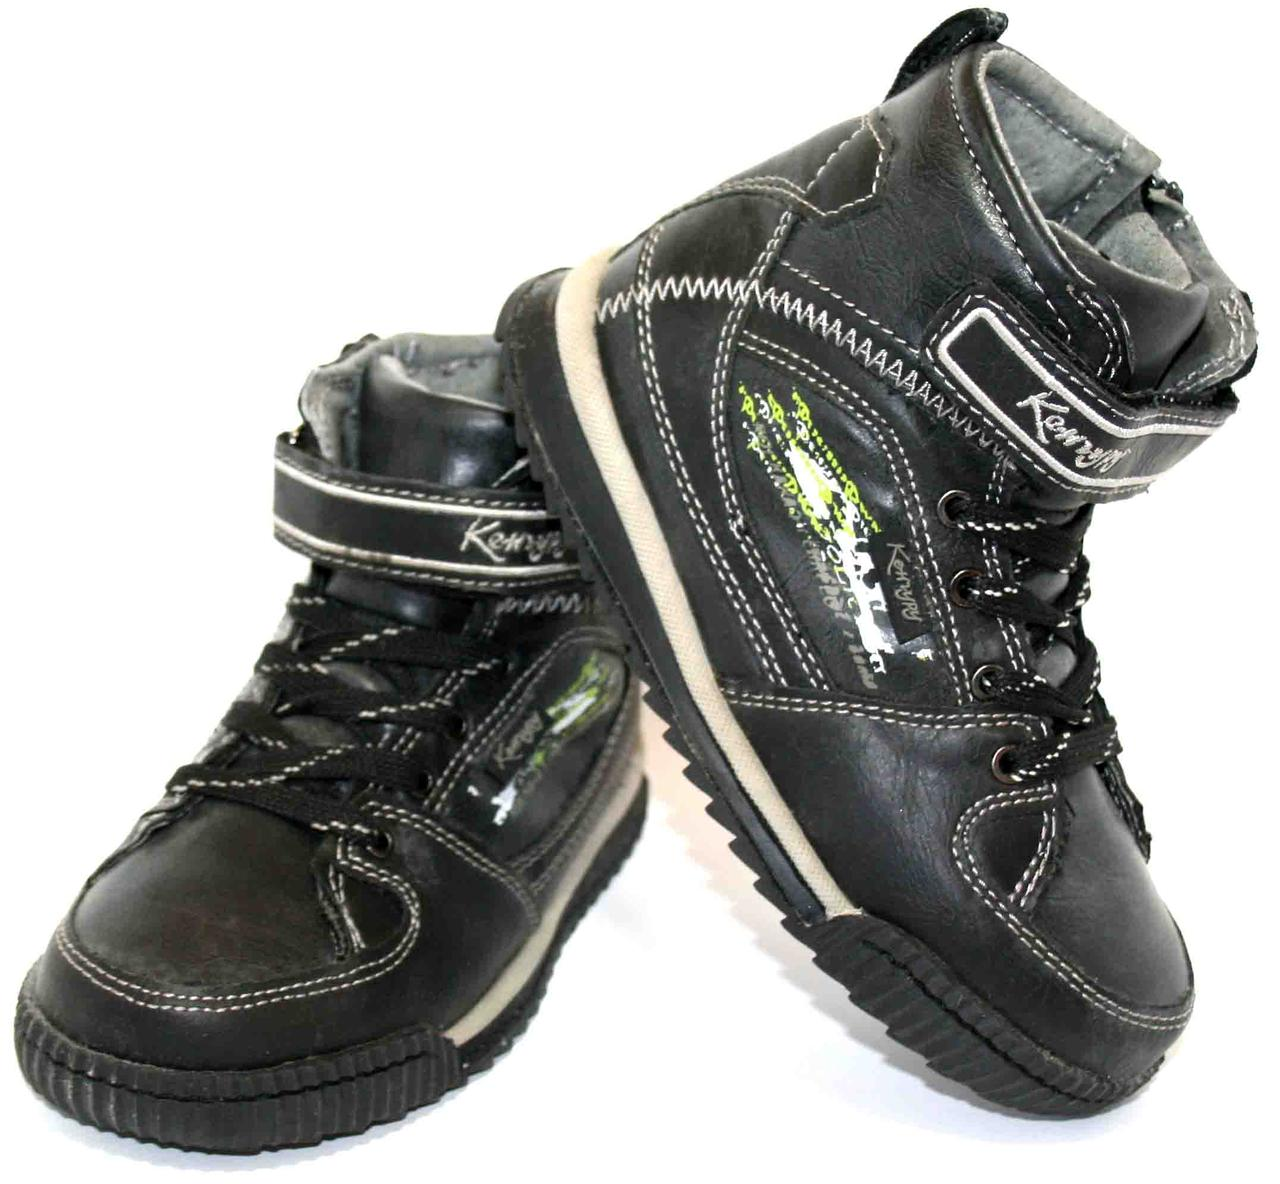 Дитячі демісезонні черевики Кенгуру, розміри 26-31